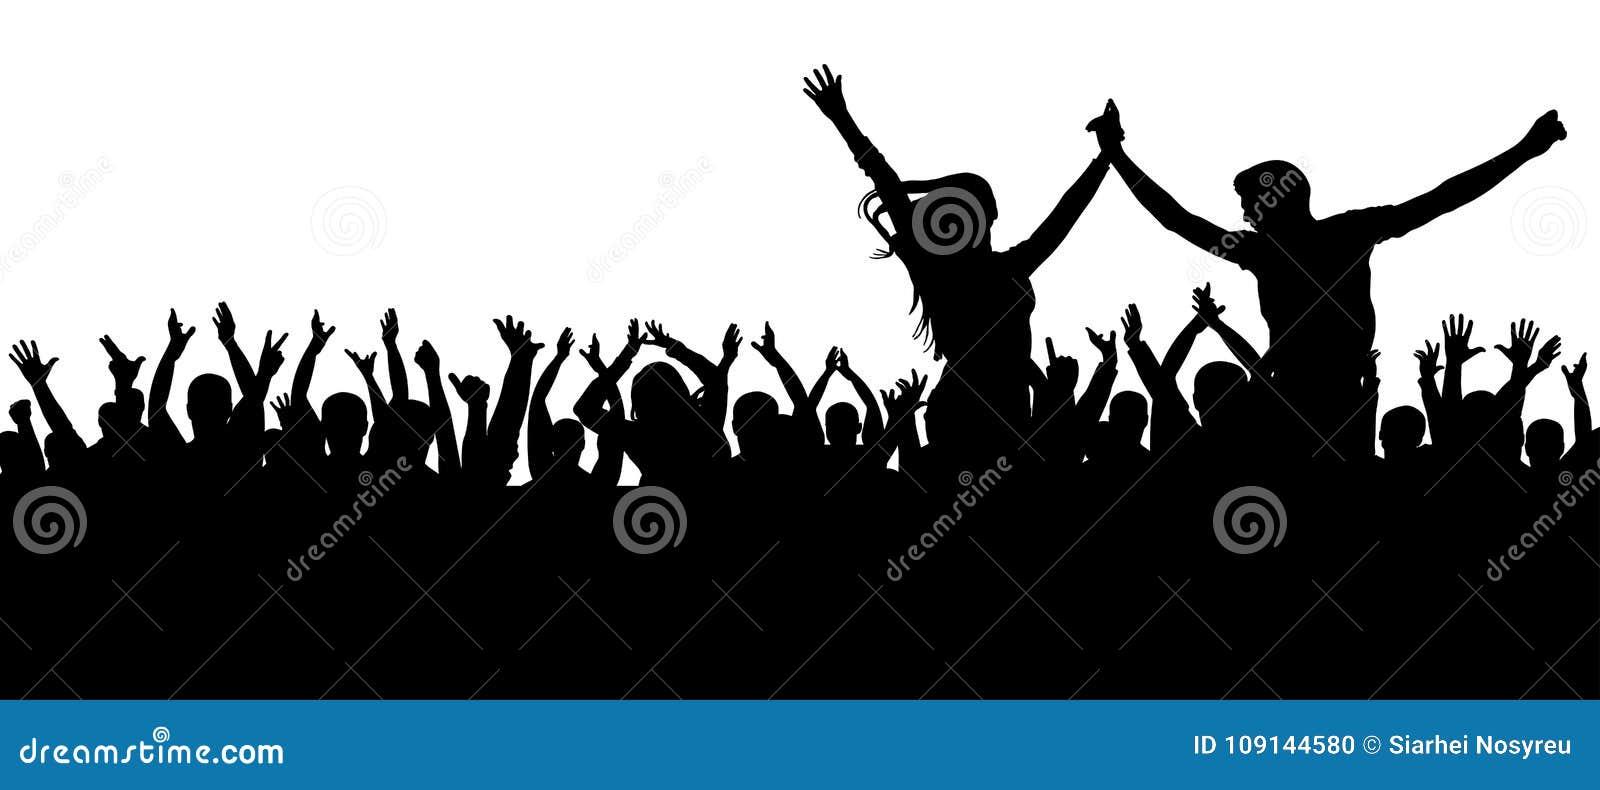 Συναυλία χορού ανεμιστήρων, disco Εύθυμη σκιαγραφία πλήθους Οι άνθρωποι κόμματος, επιδοκιμάζουν Νέο ζεύγος σε ένα κόμμα